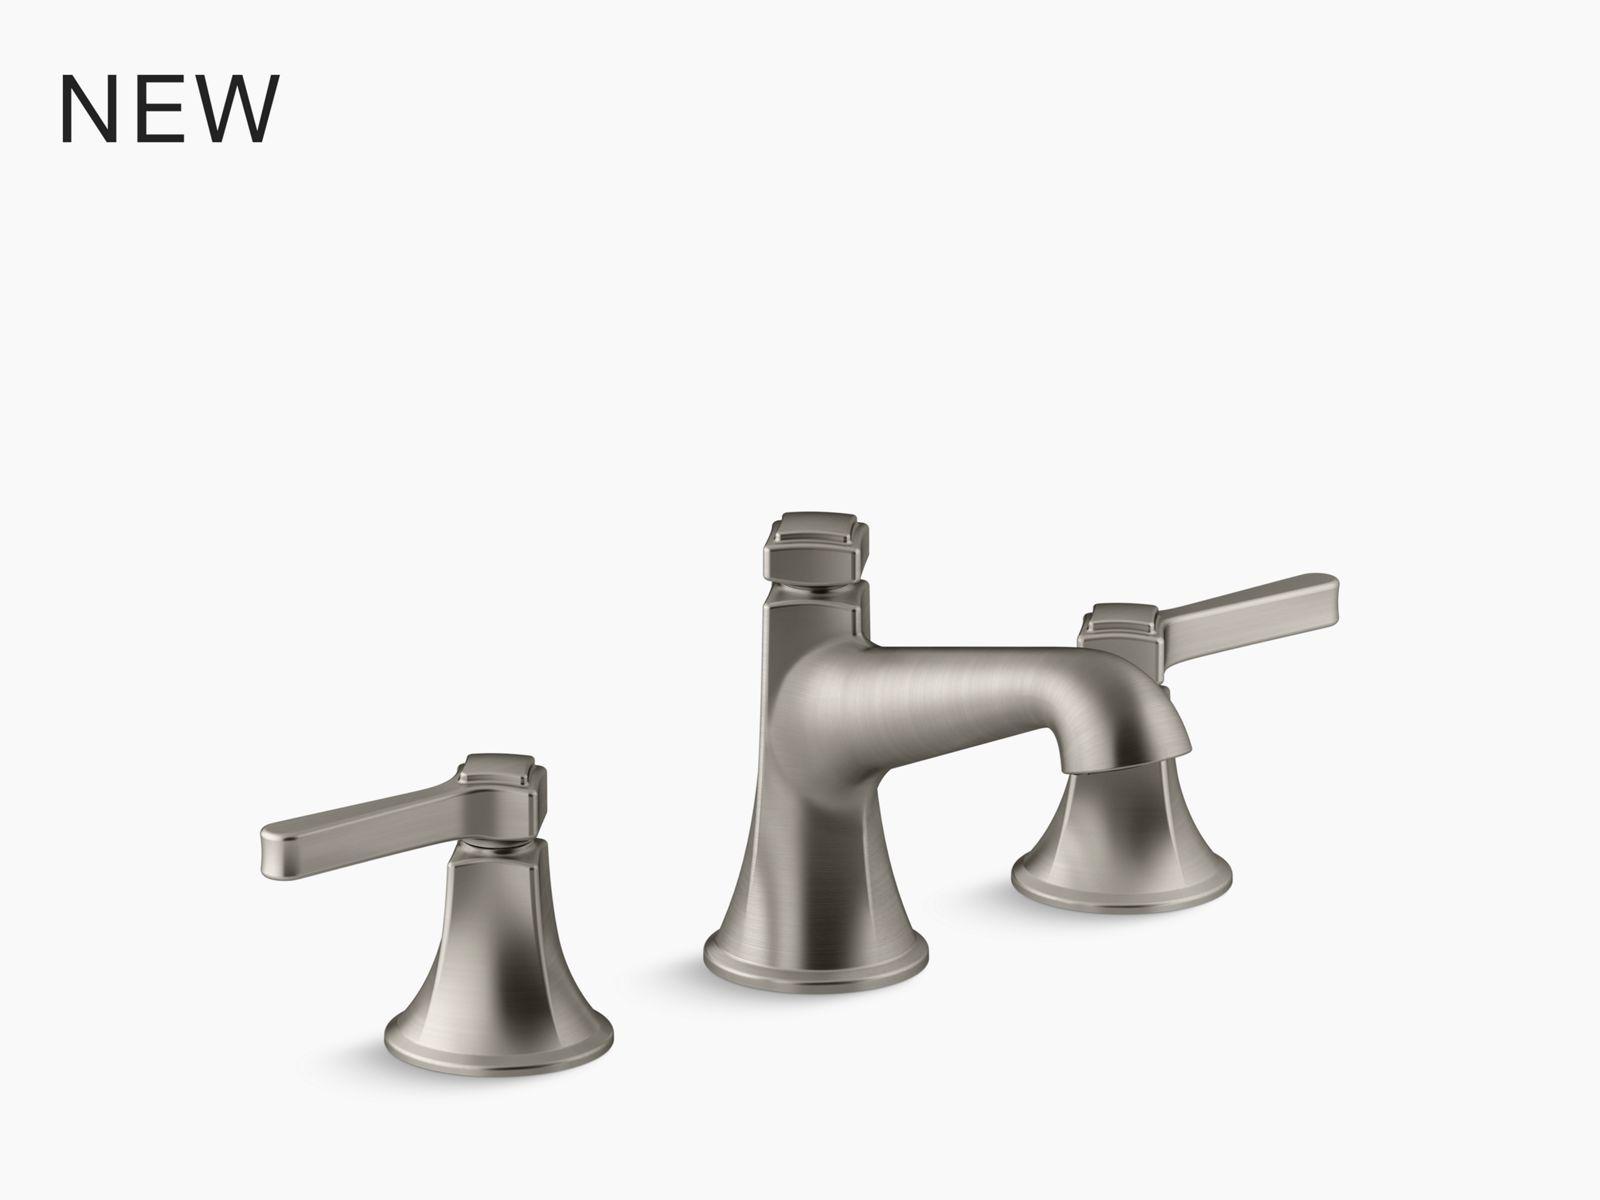 undertone 41 5 8 x 20 1 8 x 9 1 2 undermount triple bowl kitchen sink